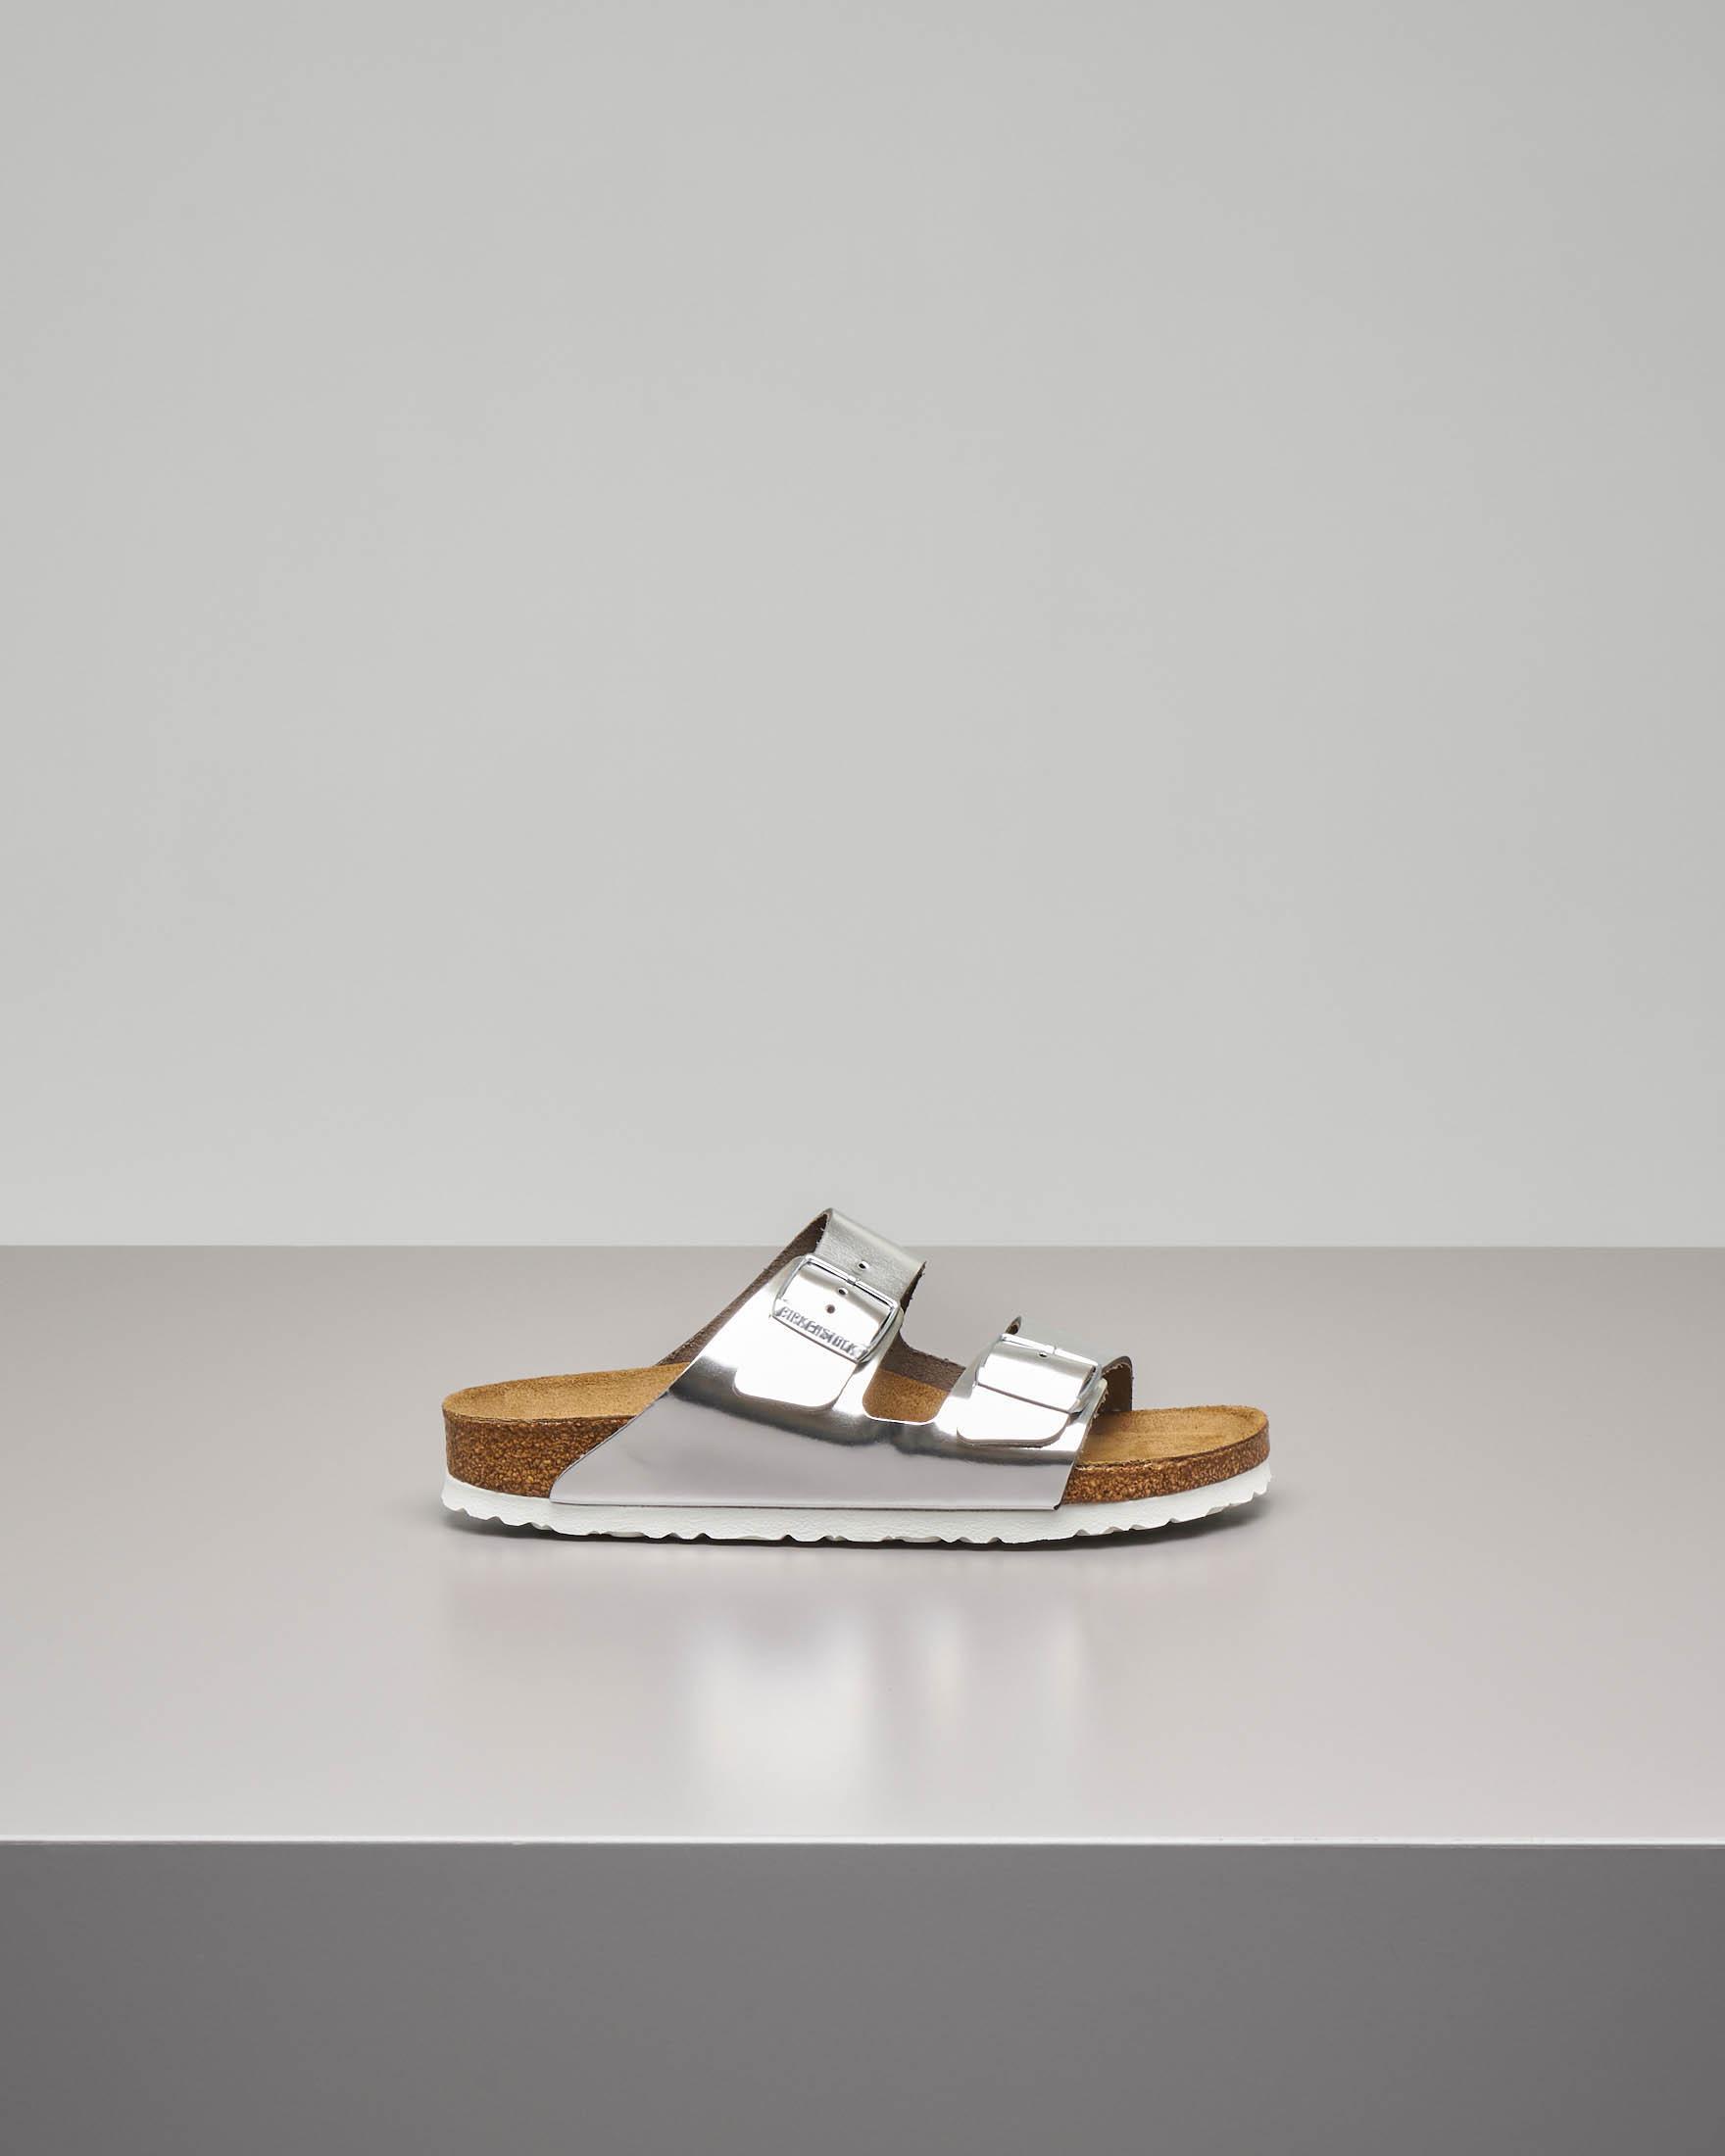 Sandalo Arizona in pelle color argento effetto laminato con doppia fascetta